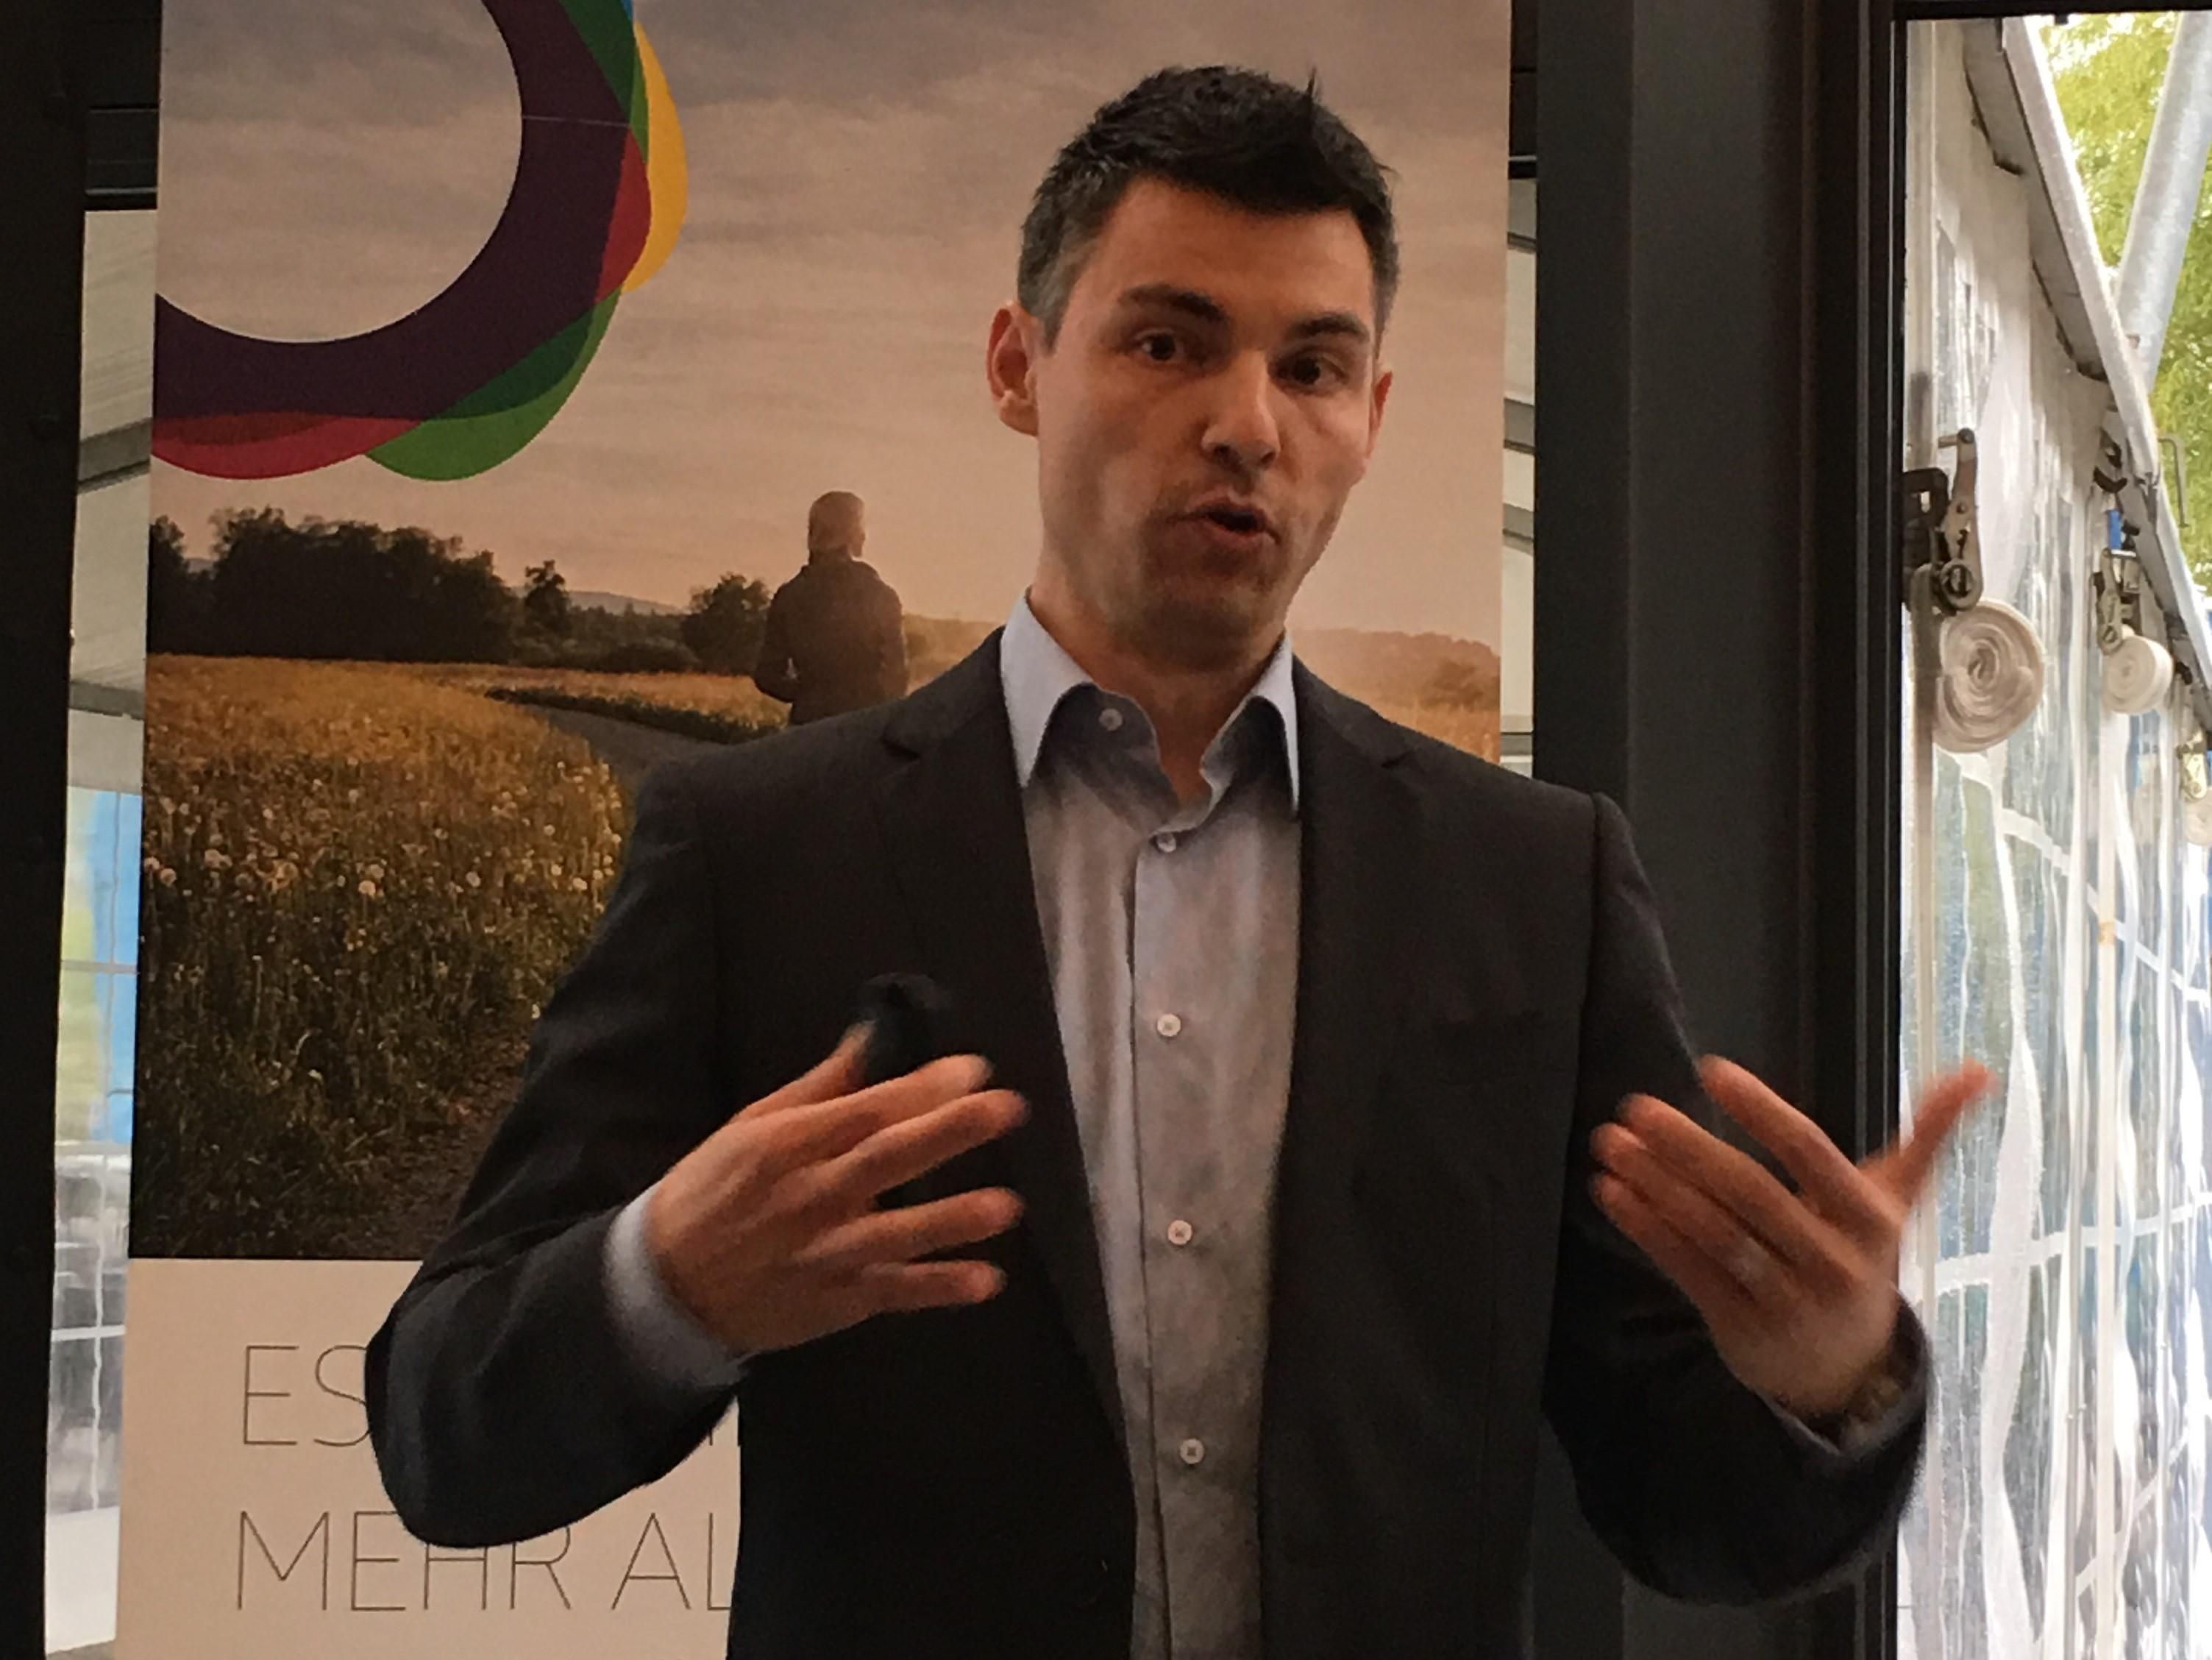 Marc Kallen, Geschäftsführer von Suter Entfeuchtungstechnik, hat überraschende Anwendungsmöglichkeiten für Holzpellets.